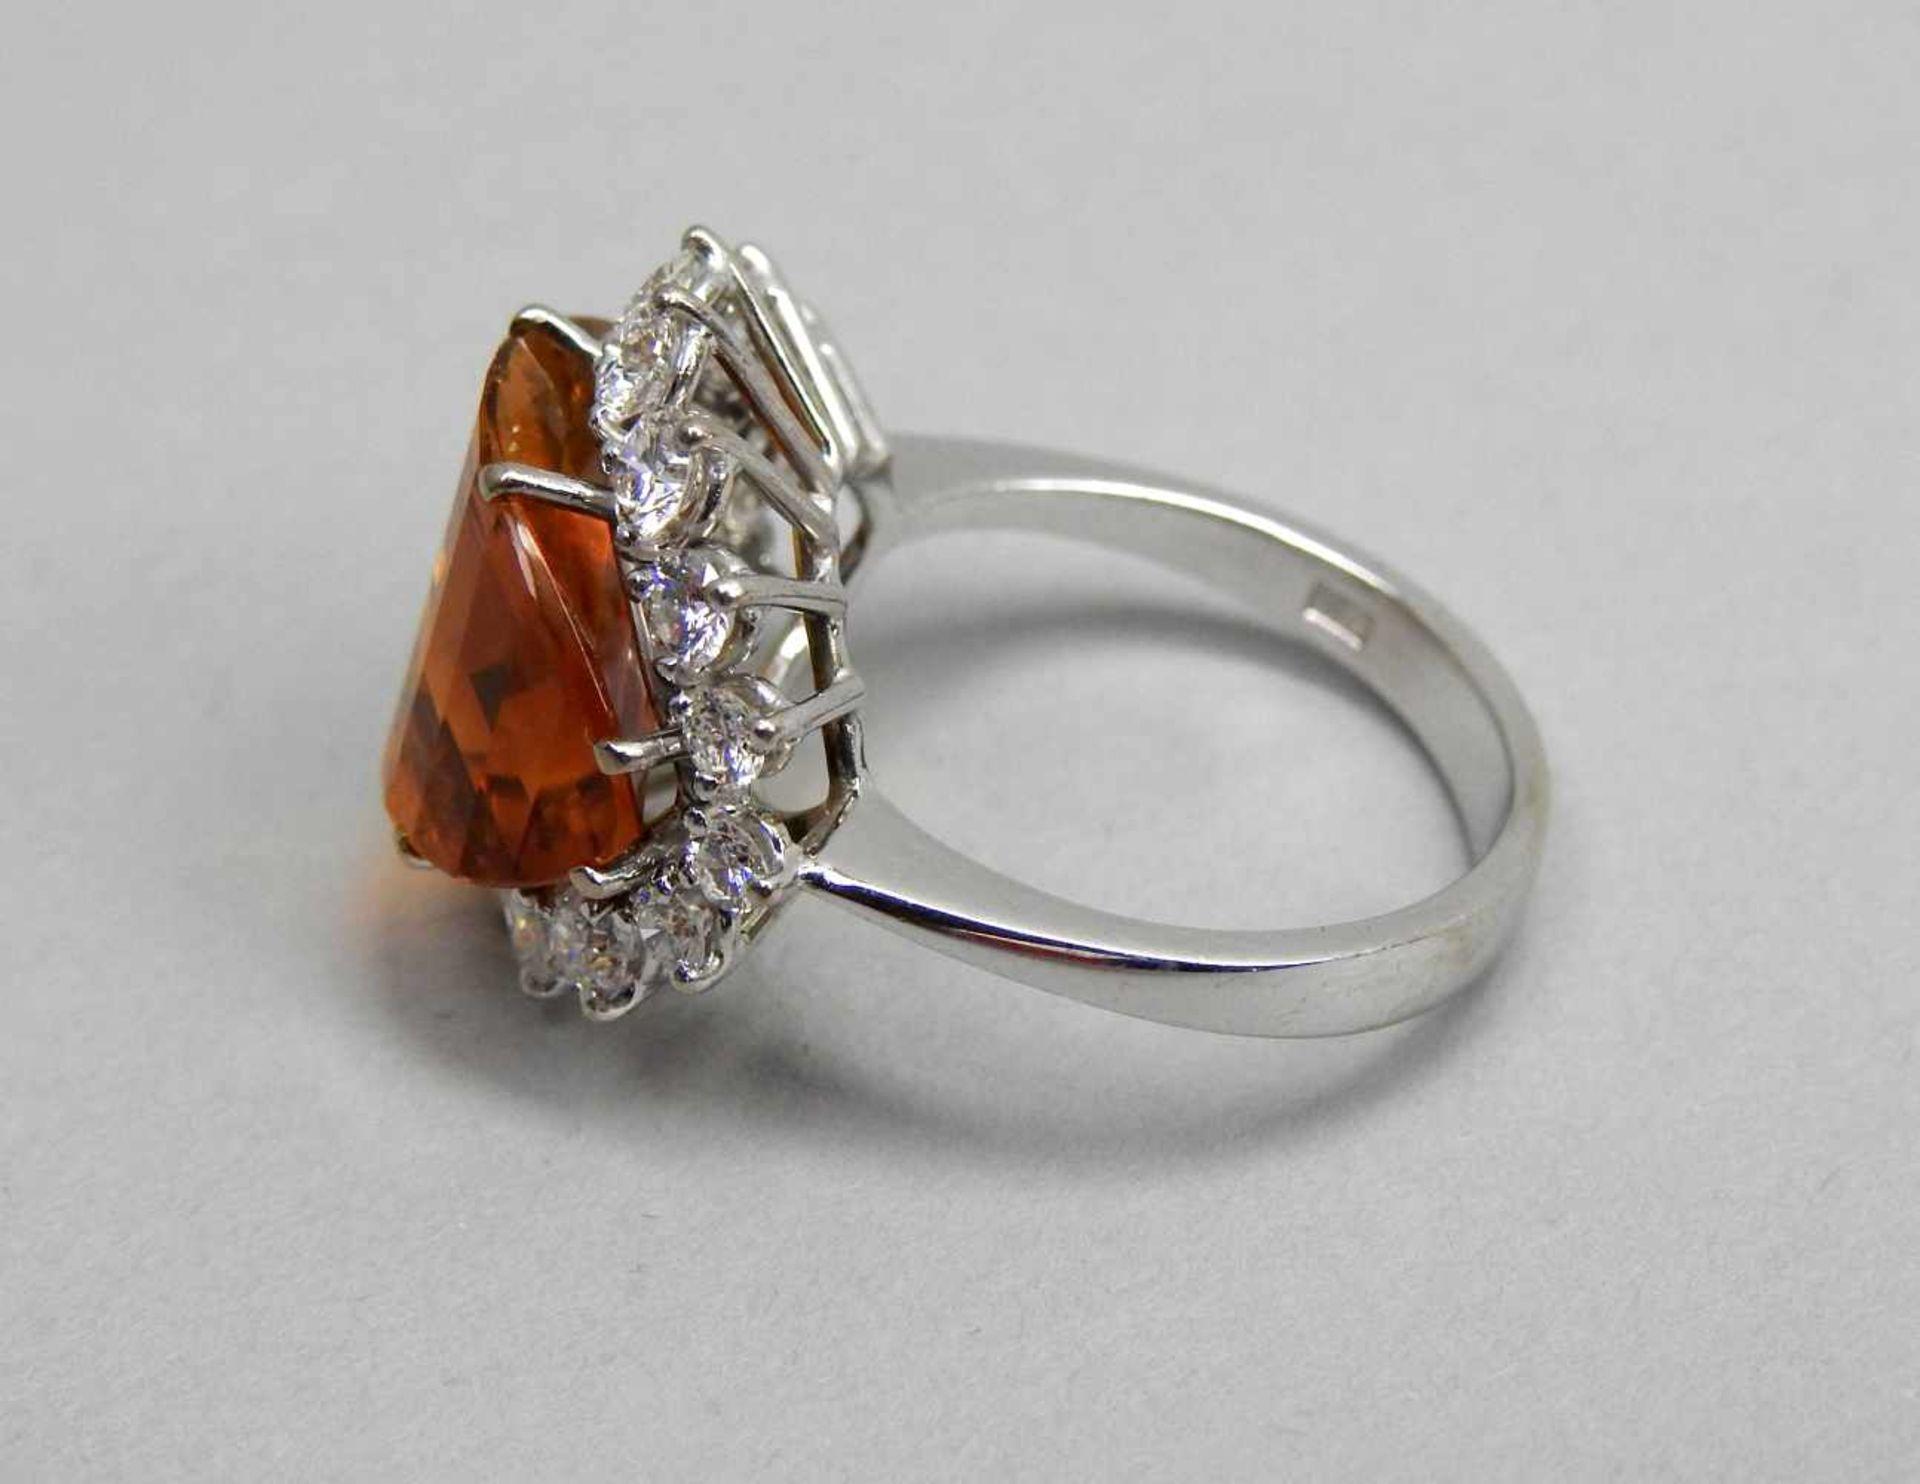 Großer Citrin-Diamant-Ring18 K. Weißgold mit großem Citrin, ca. 5 ct und Diamanten, - Image 2 of 3